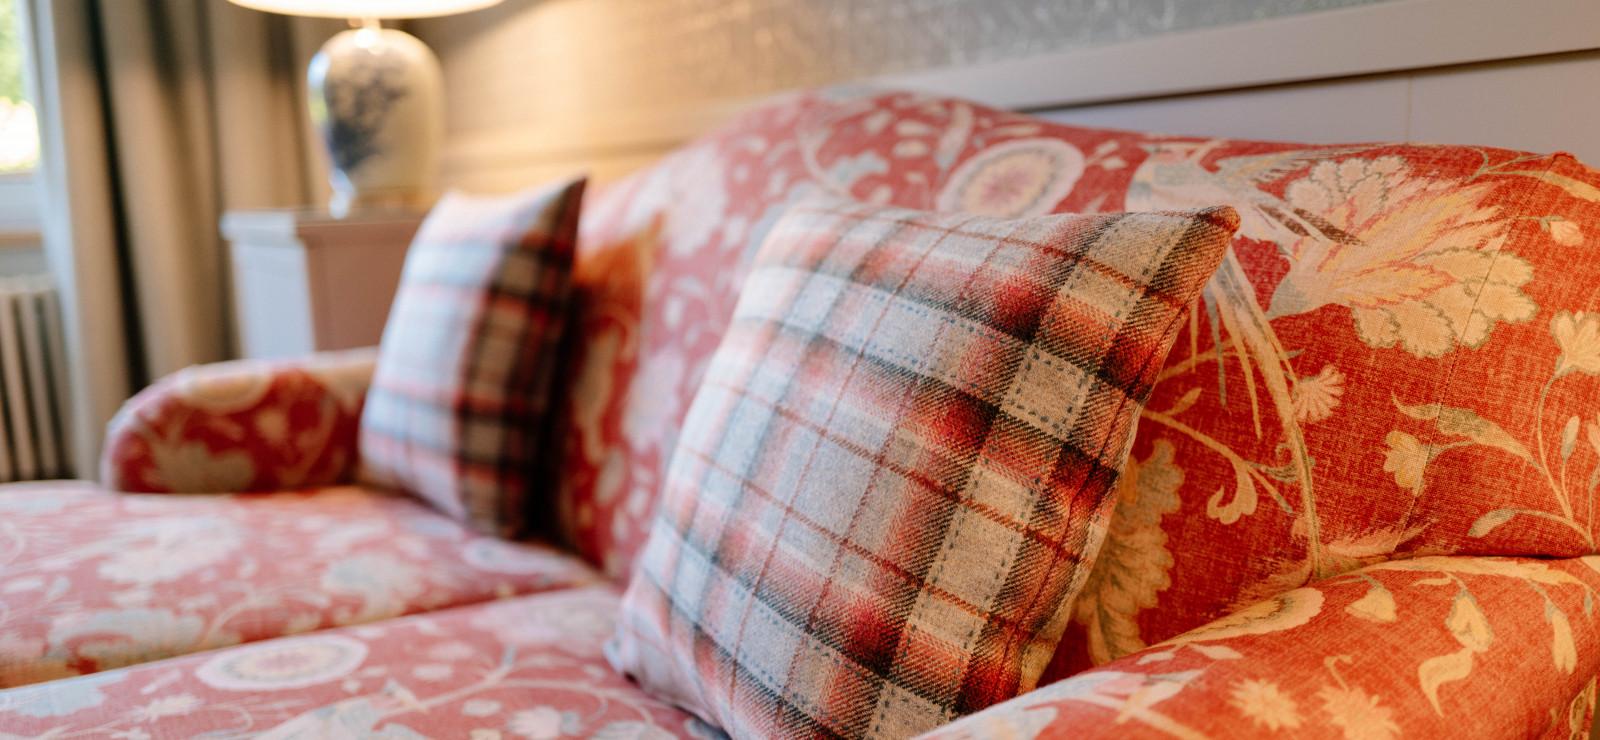 Hotel Krone Bilder | Bild 1